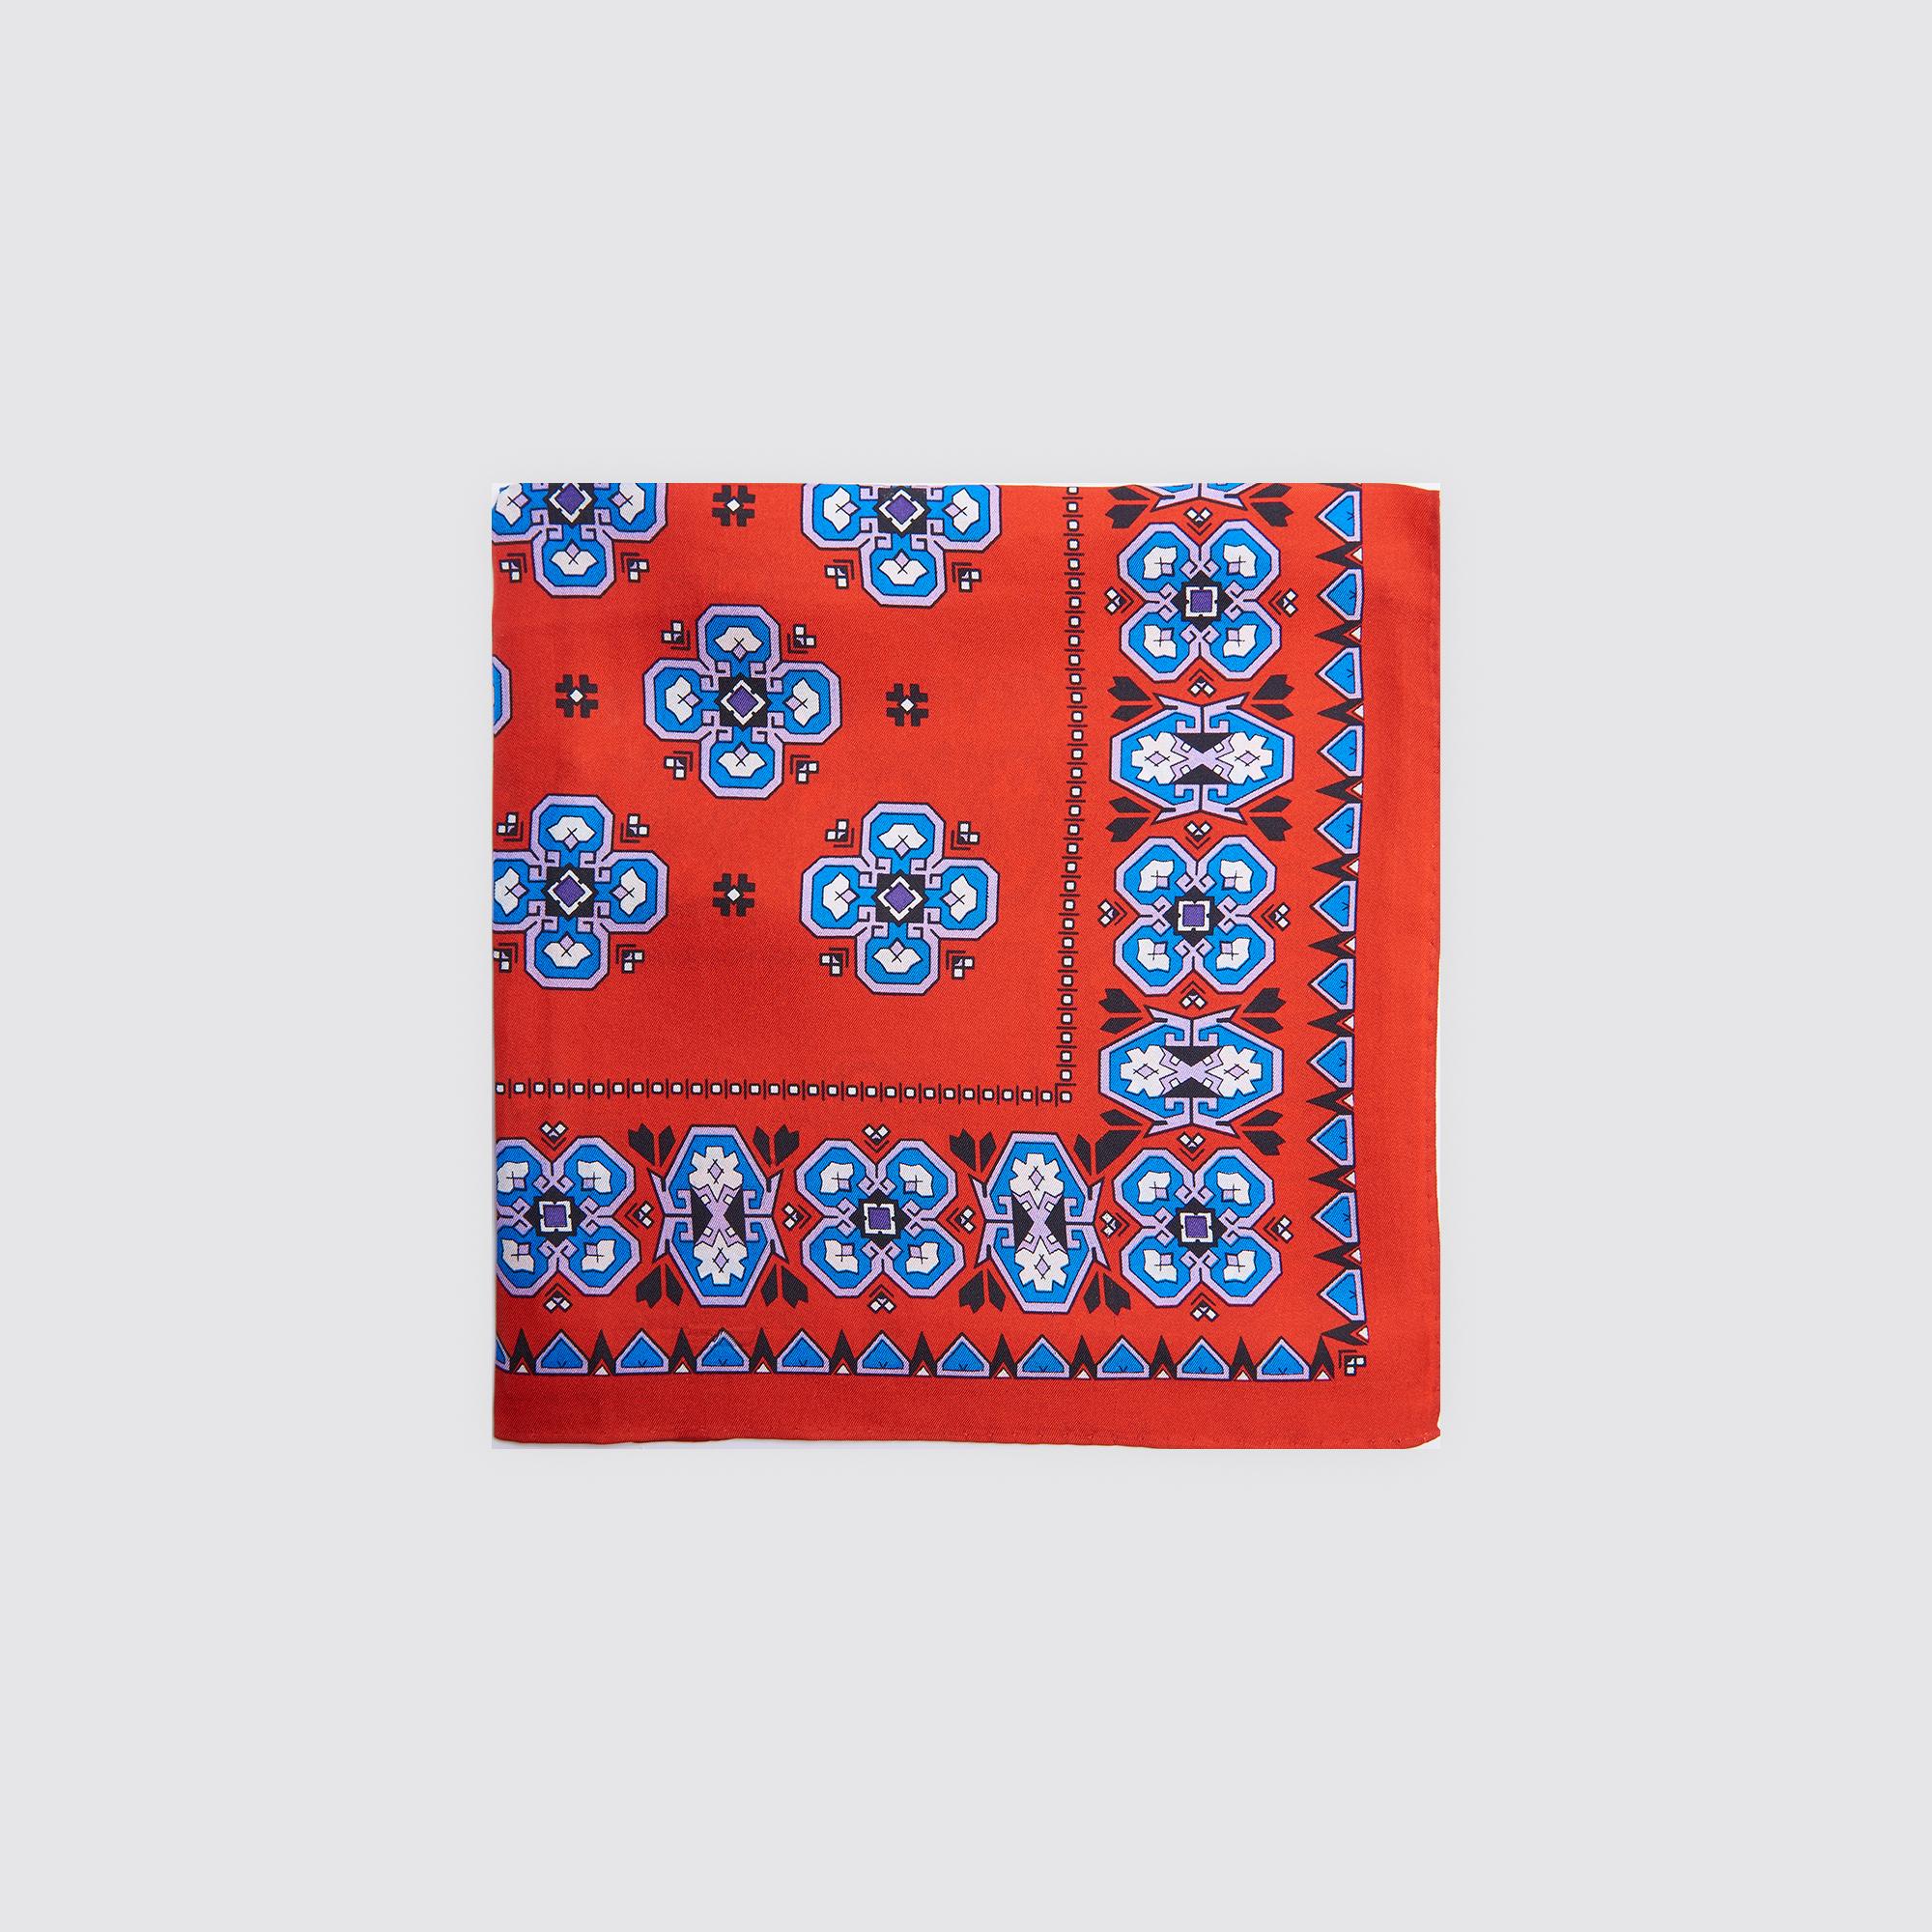 Foulard carré en soie imprimée   Exclusivité ... 76e0801c23e